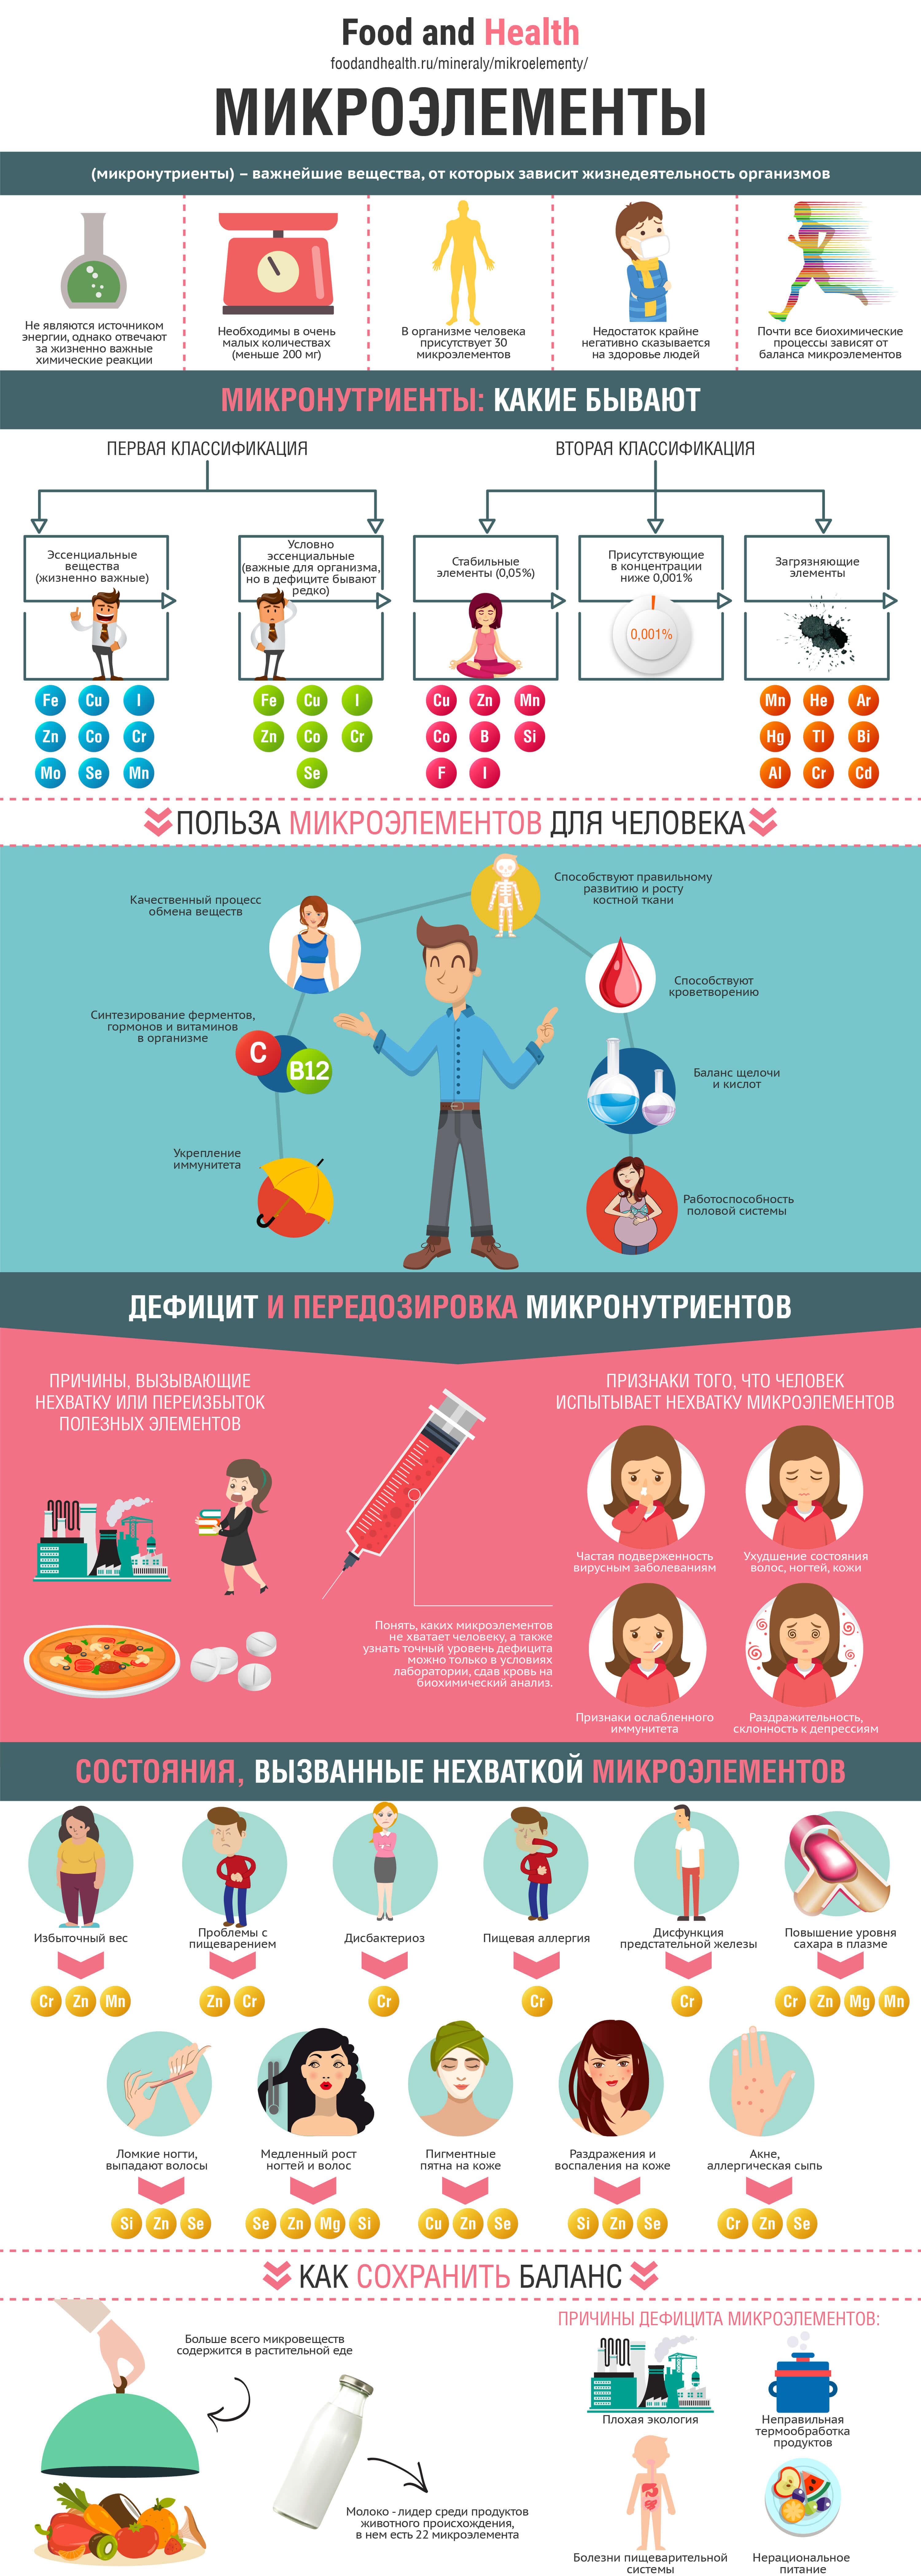 Микроэлементы: инфографика